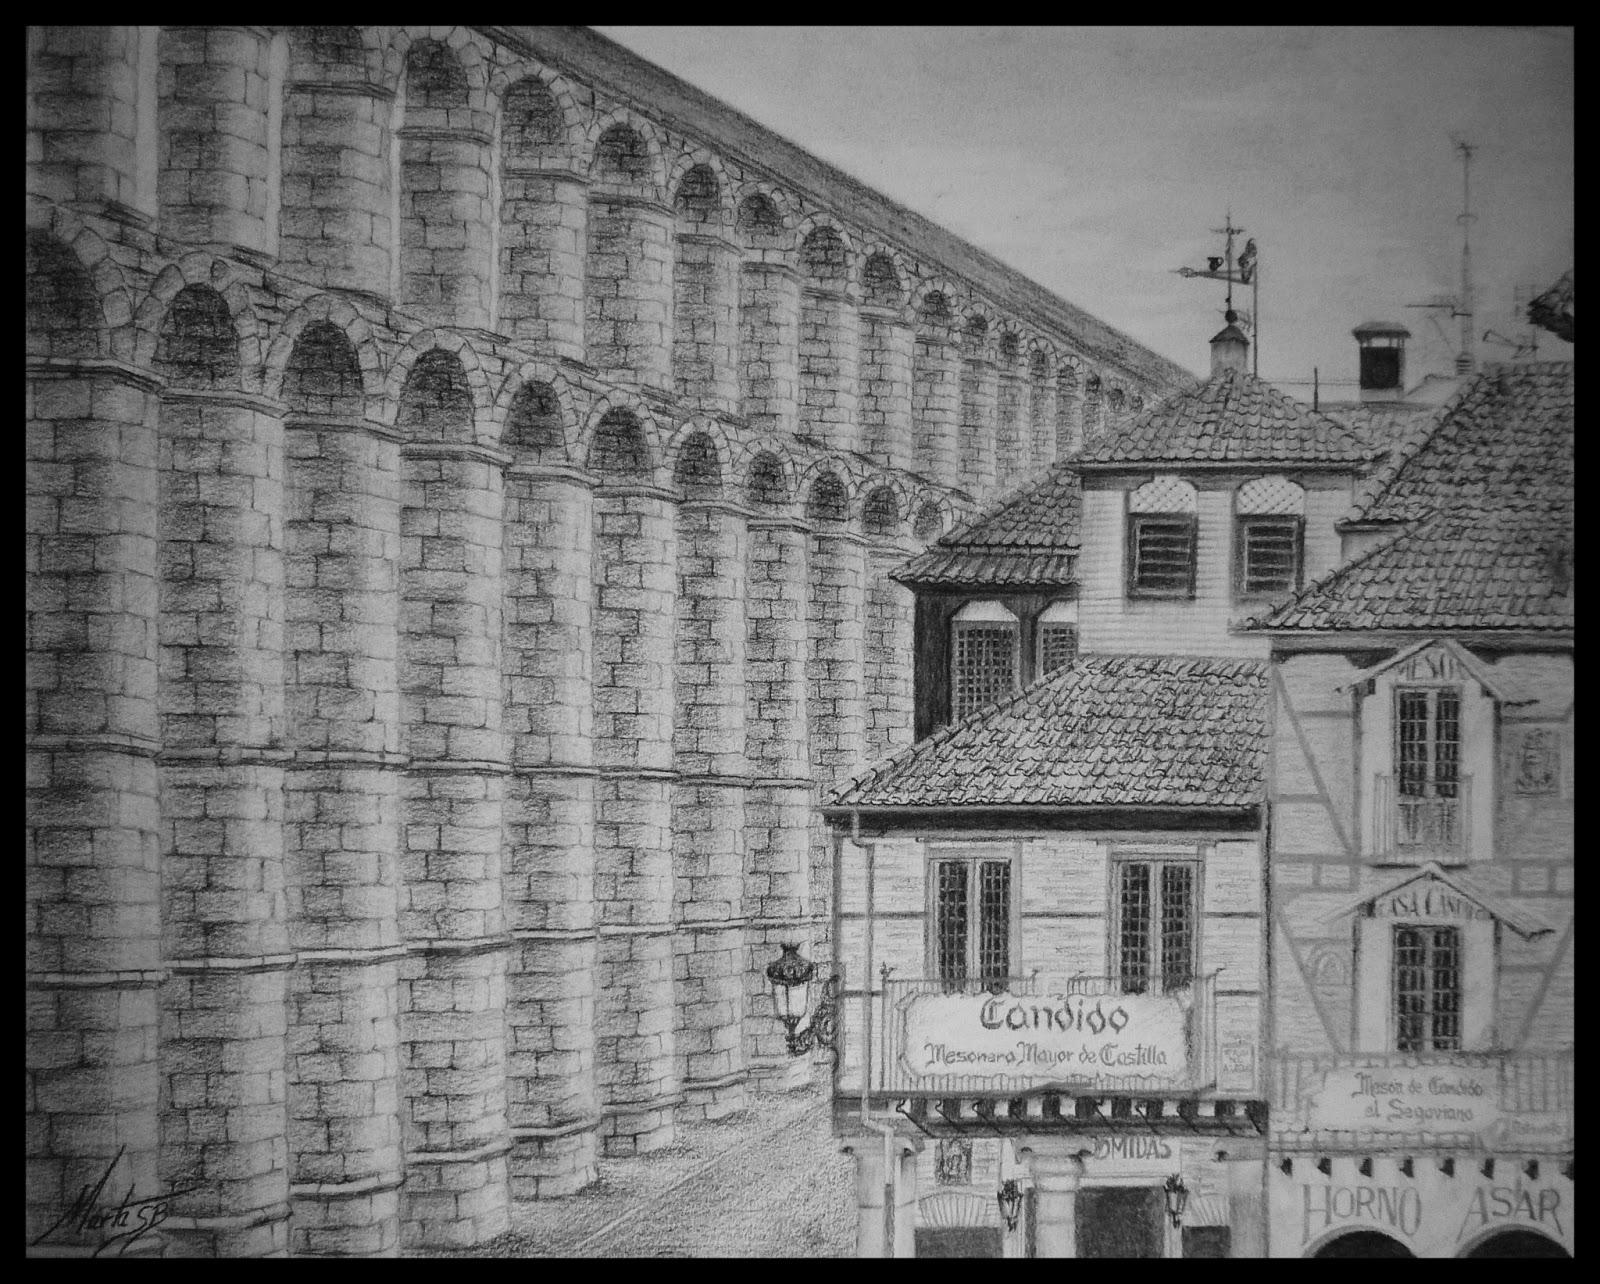 Acueducto de Segovia es cuando pintado a carboncillo por MartaSb